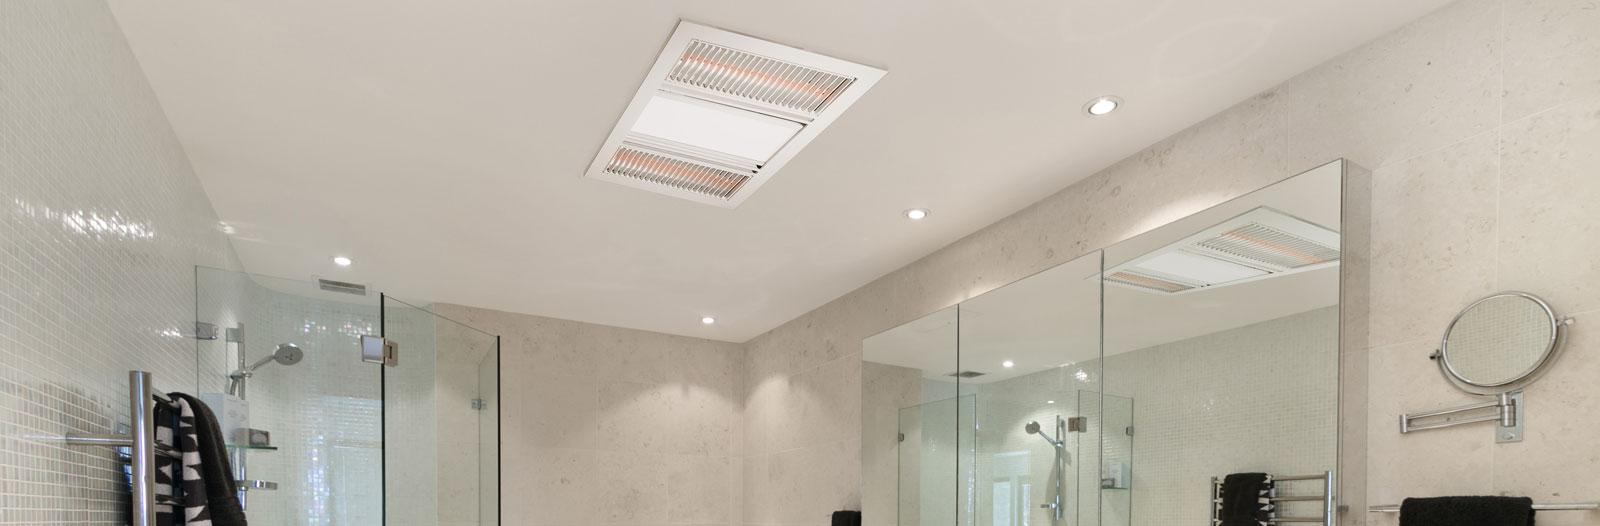 Ventair Bathroom Heat Light Fan Switch Wiring Diagram Wall Shop Heaters